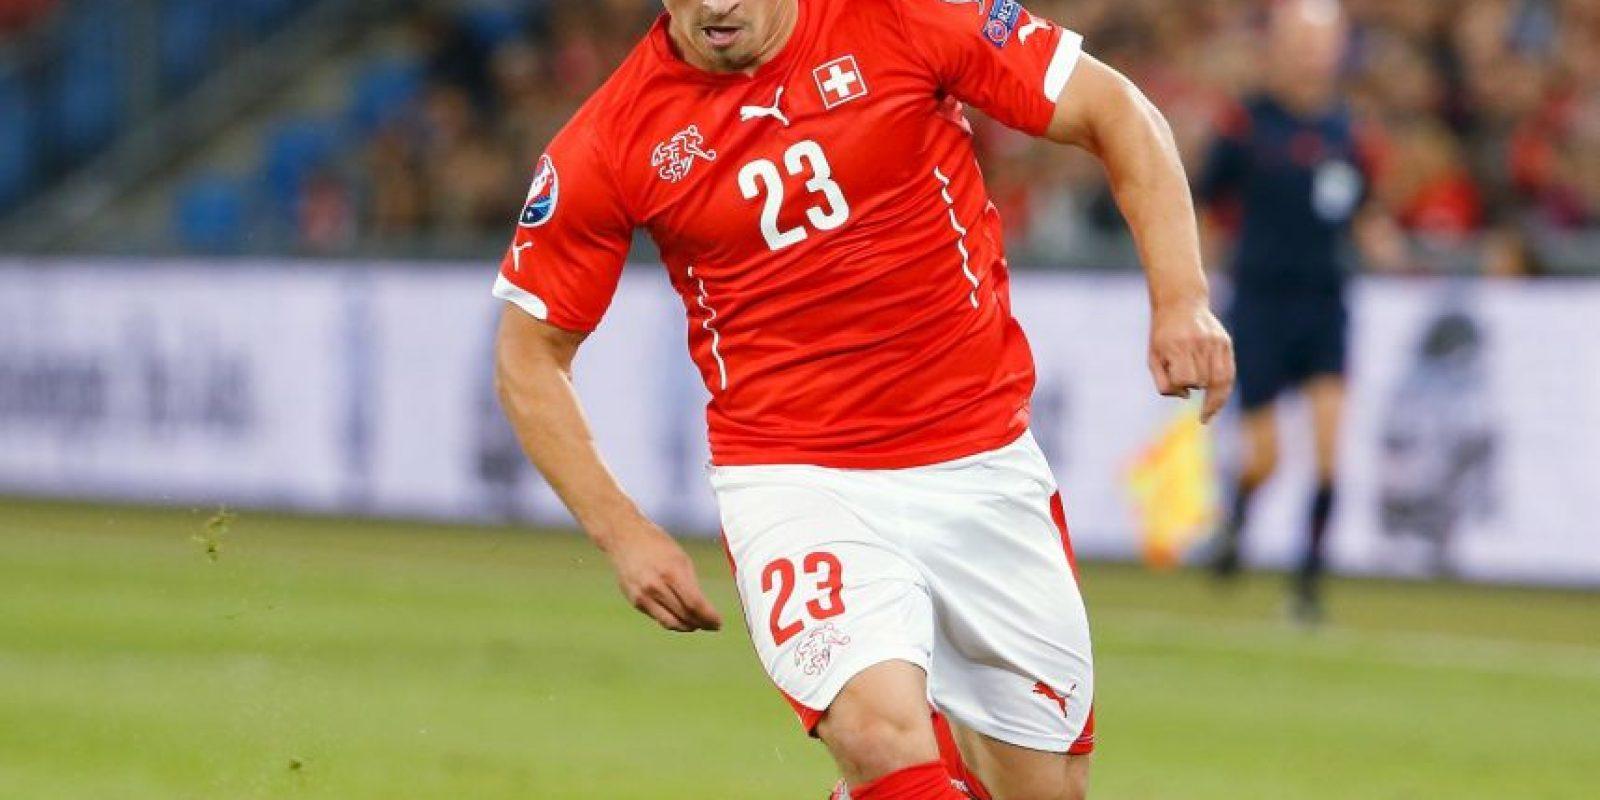 Salido de la academia del Basilea, la cantera balcánica de Suiza, Shaqiri mide apenas 1,69 metros, pero su velocidad y potencia despierta ilusión en su país. '¡Tenemos nuestro propio Messi!', exclamó el diario 'Blick' tras su 'hat-trick' ante Honduras en Brasil 2014. Tras ganar el triplete con el Bayern Múnich en 2013, fichó por el Inter de Milán y esta temporada se convirtió en el fichaje estrella del Stoke City. Foto:DPA